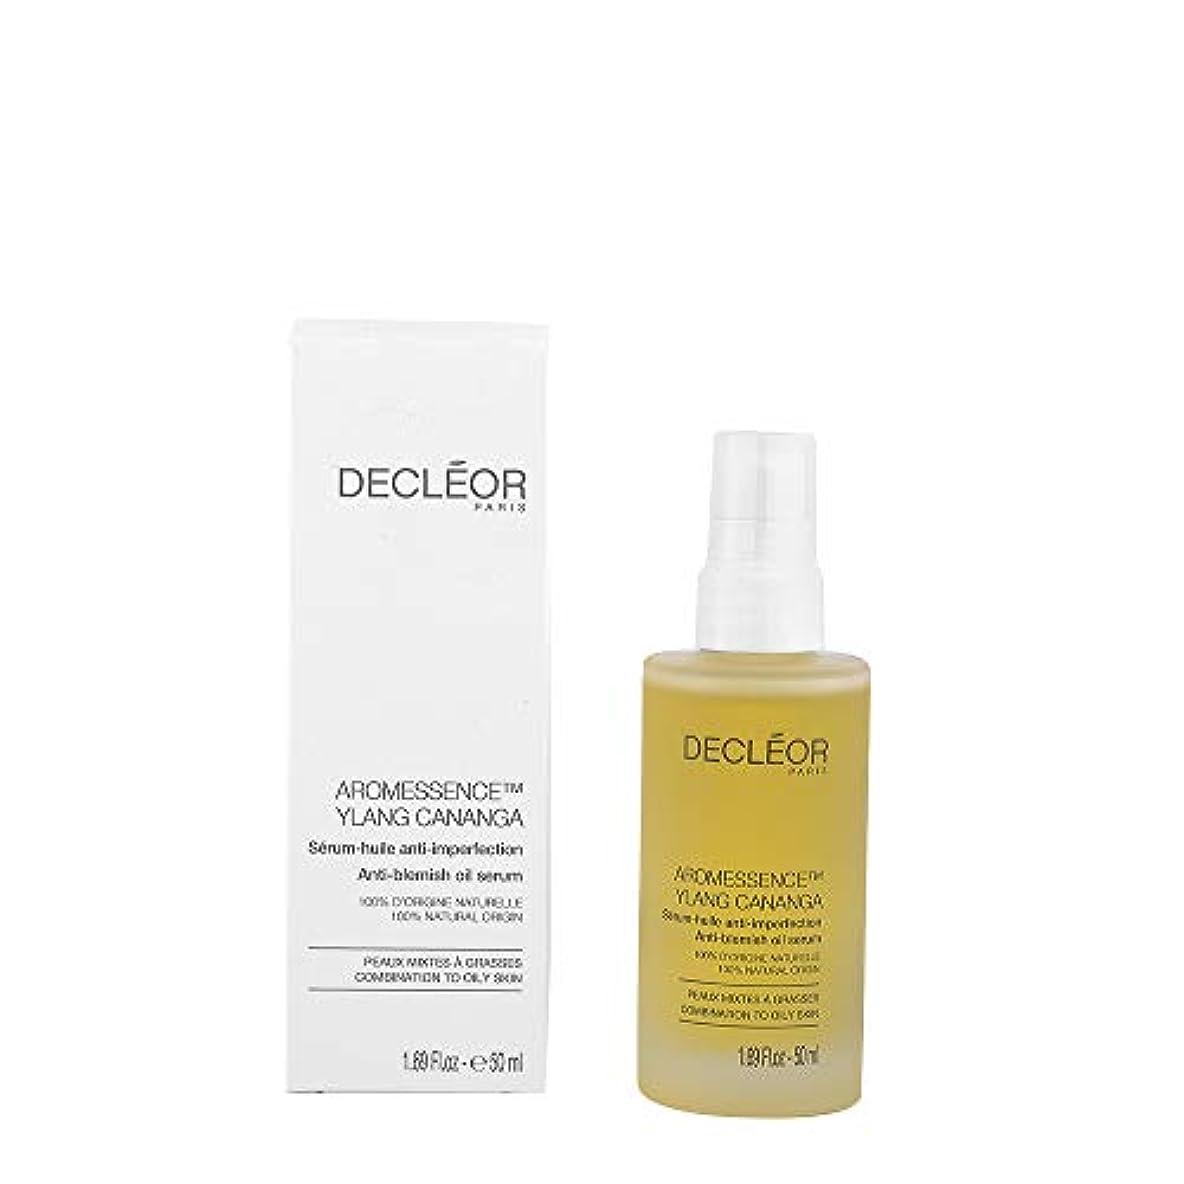 小屋未来宿泊デクレオール Aromessence Ylang Cananga Anti-Blemish Oil Serum - For Combination to Oily Skin (Salon Size) 50ml/1.69oz...